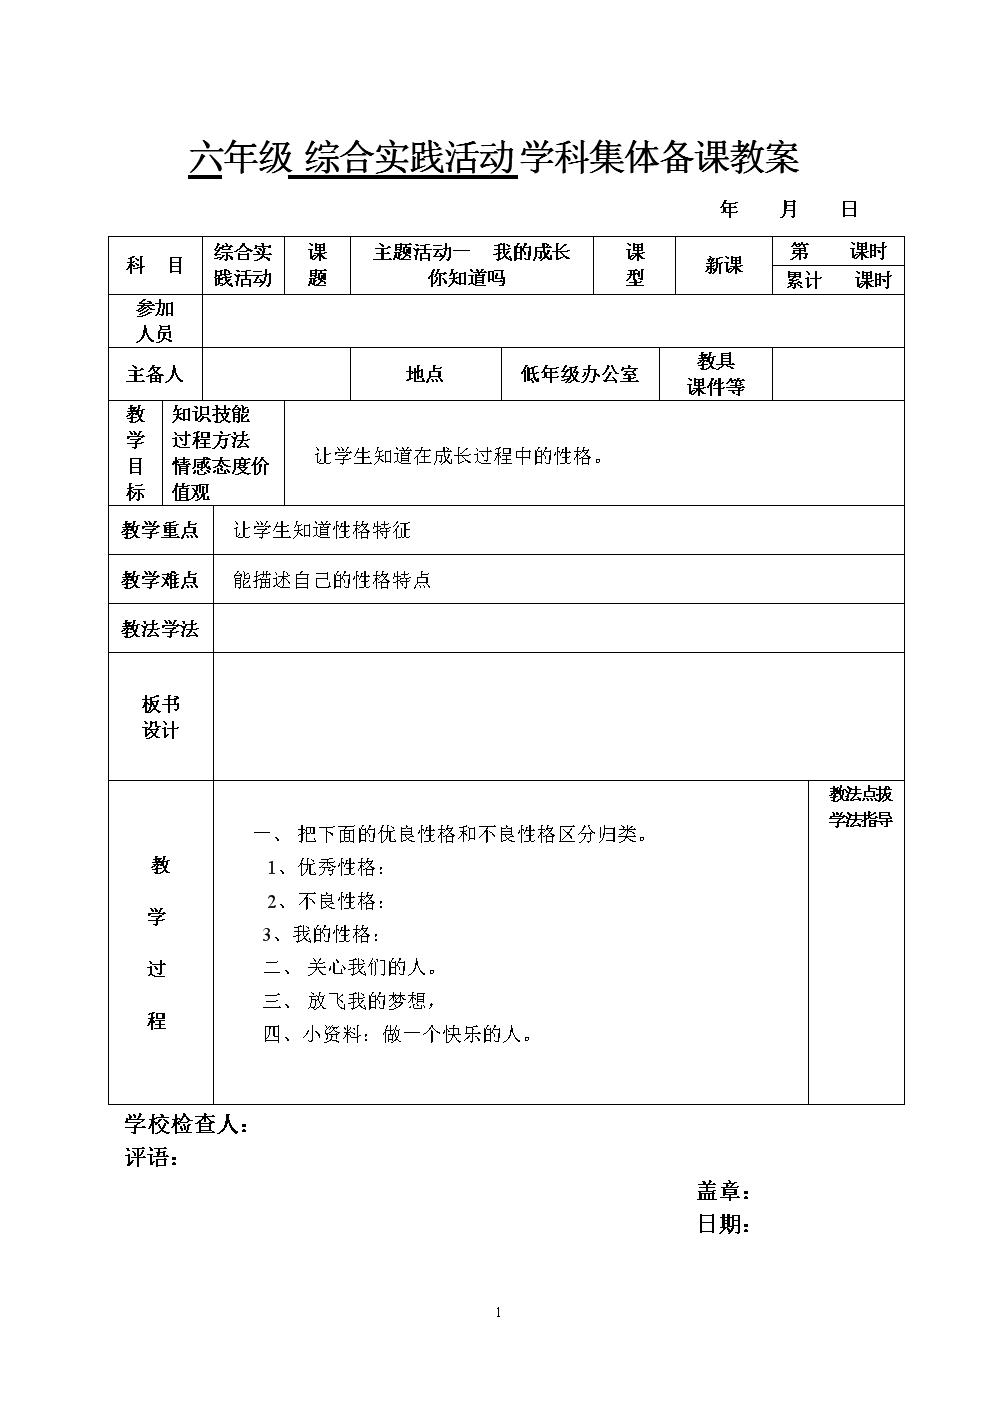 2017六泥人名师实践活动综合集体学科备课教年级张下册教学设计图片